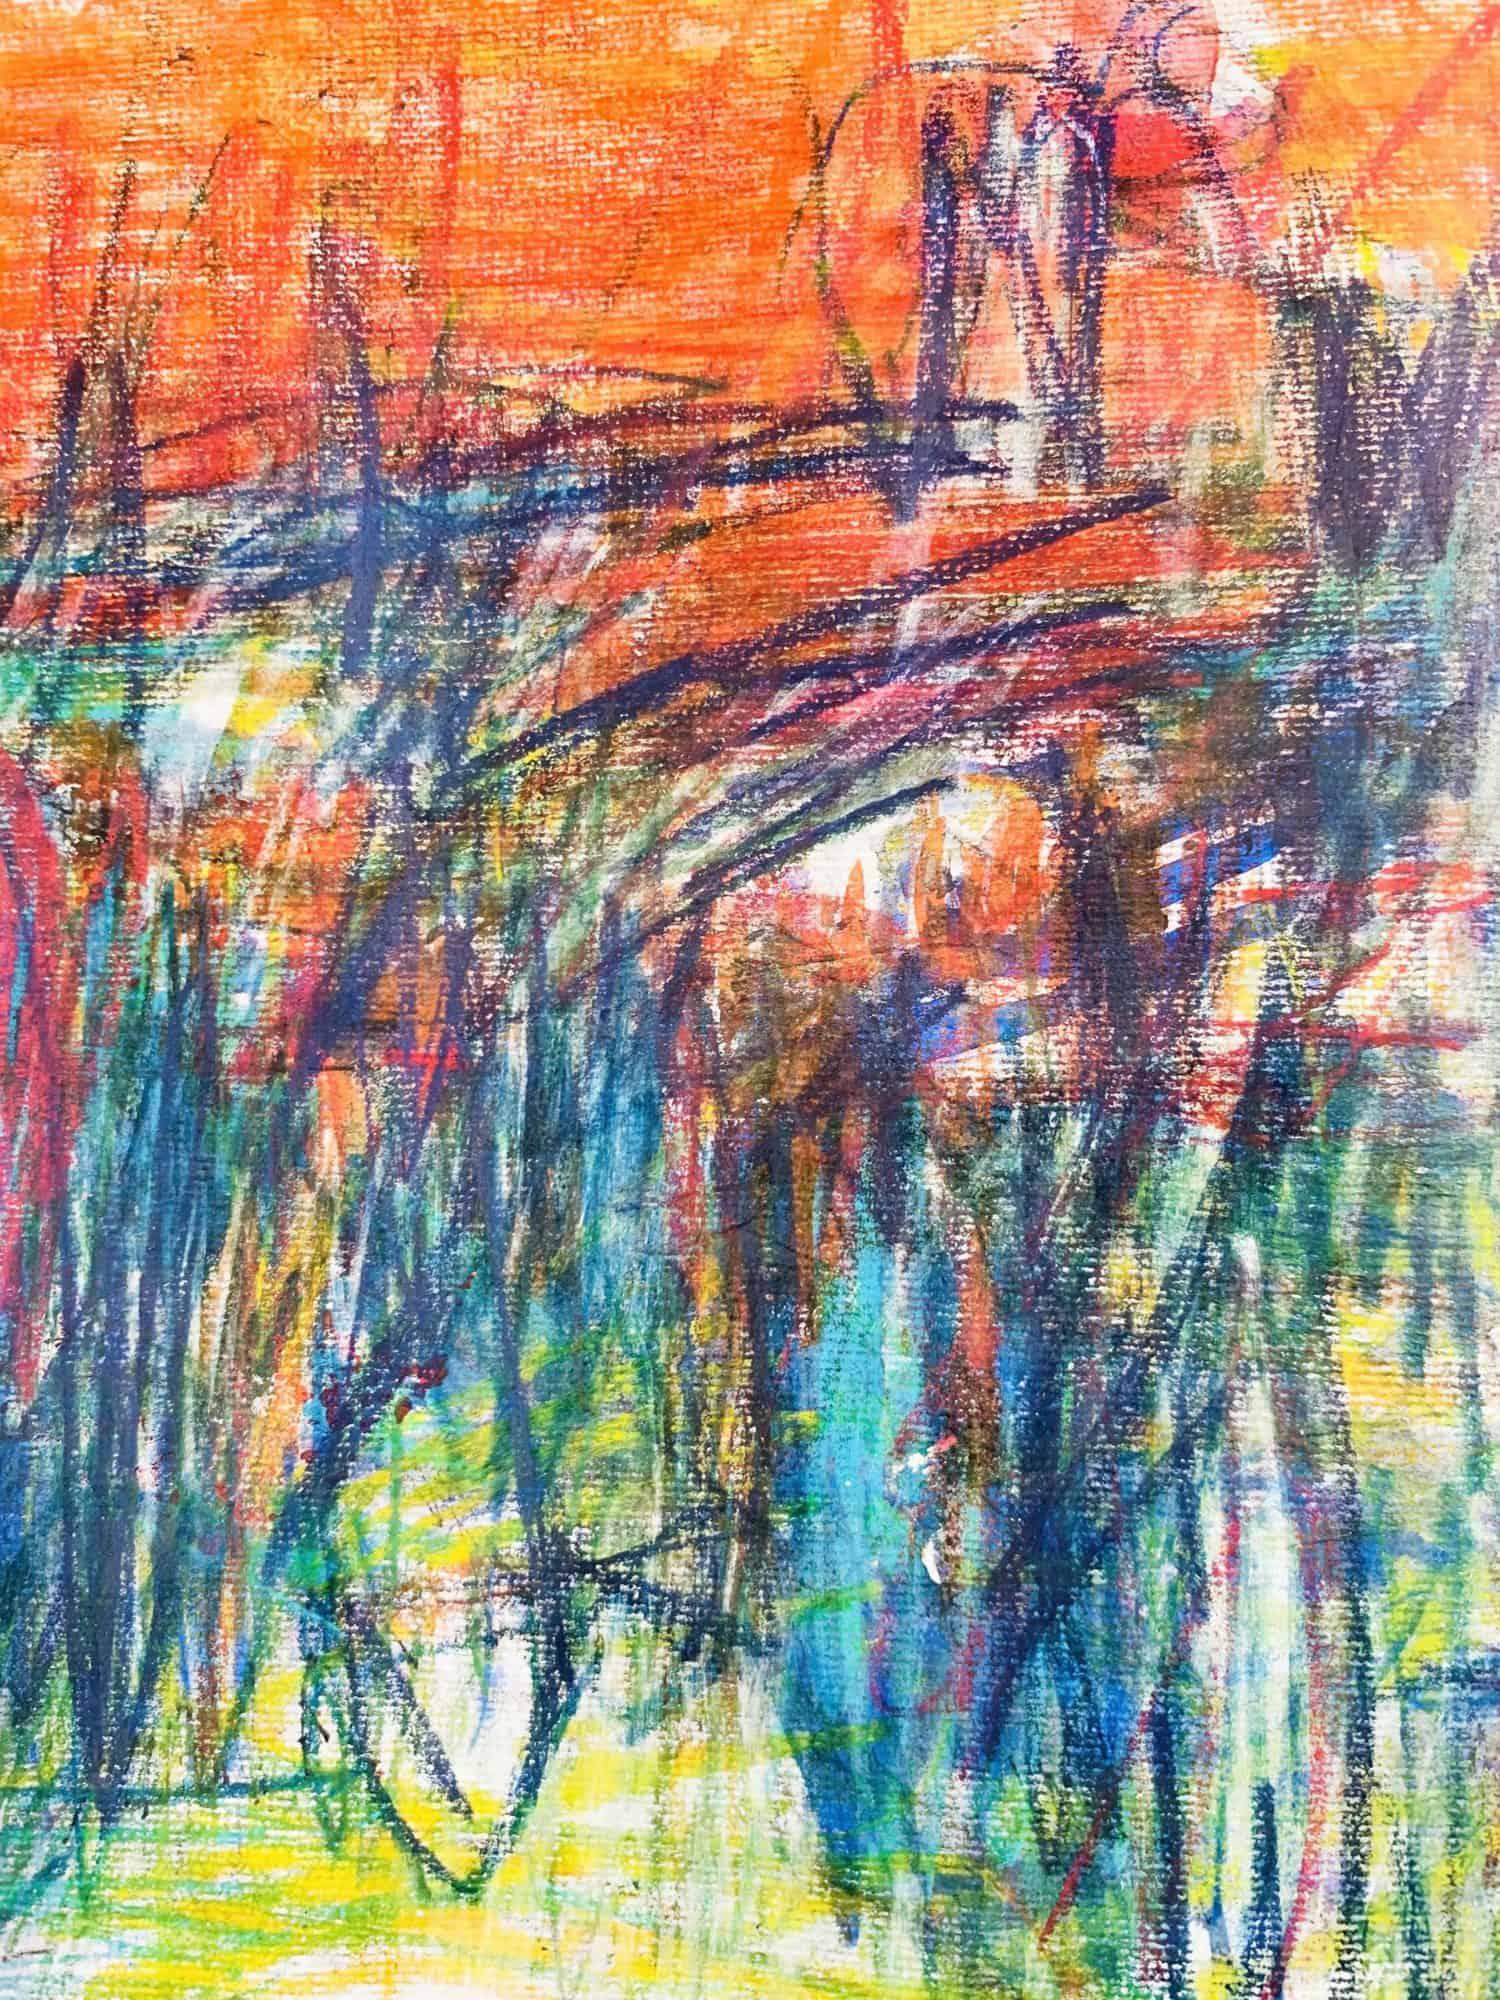 Abstraktes Acrylbild expressive Leichtigkeit mit Orange und Grün